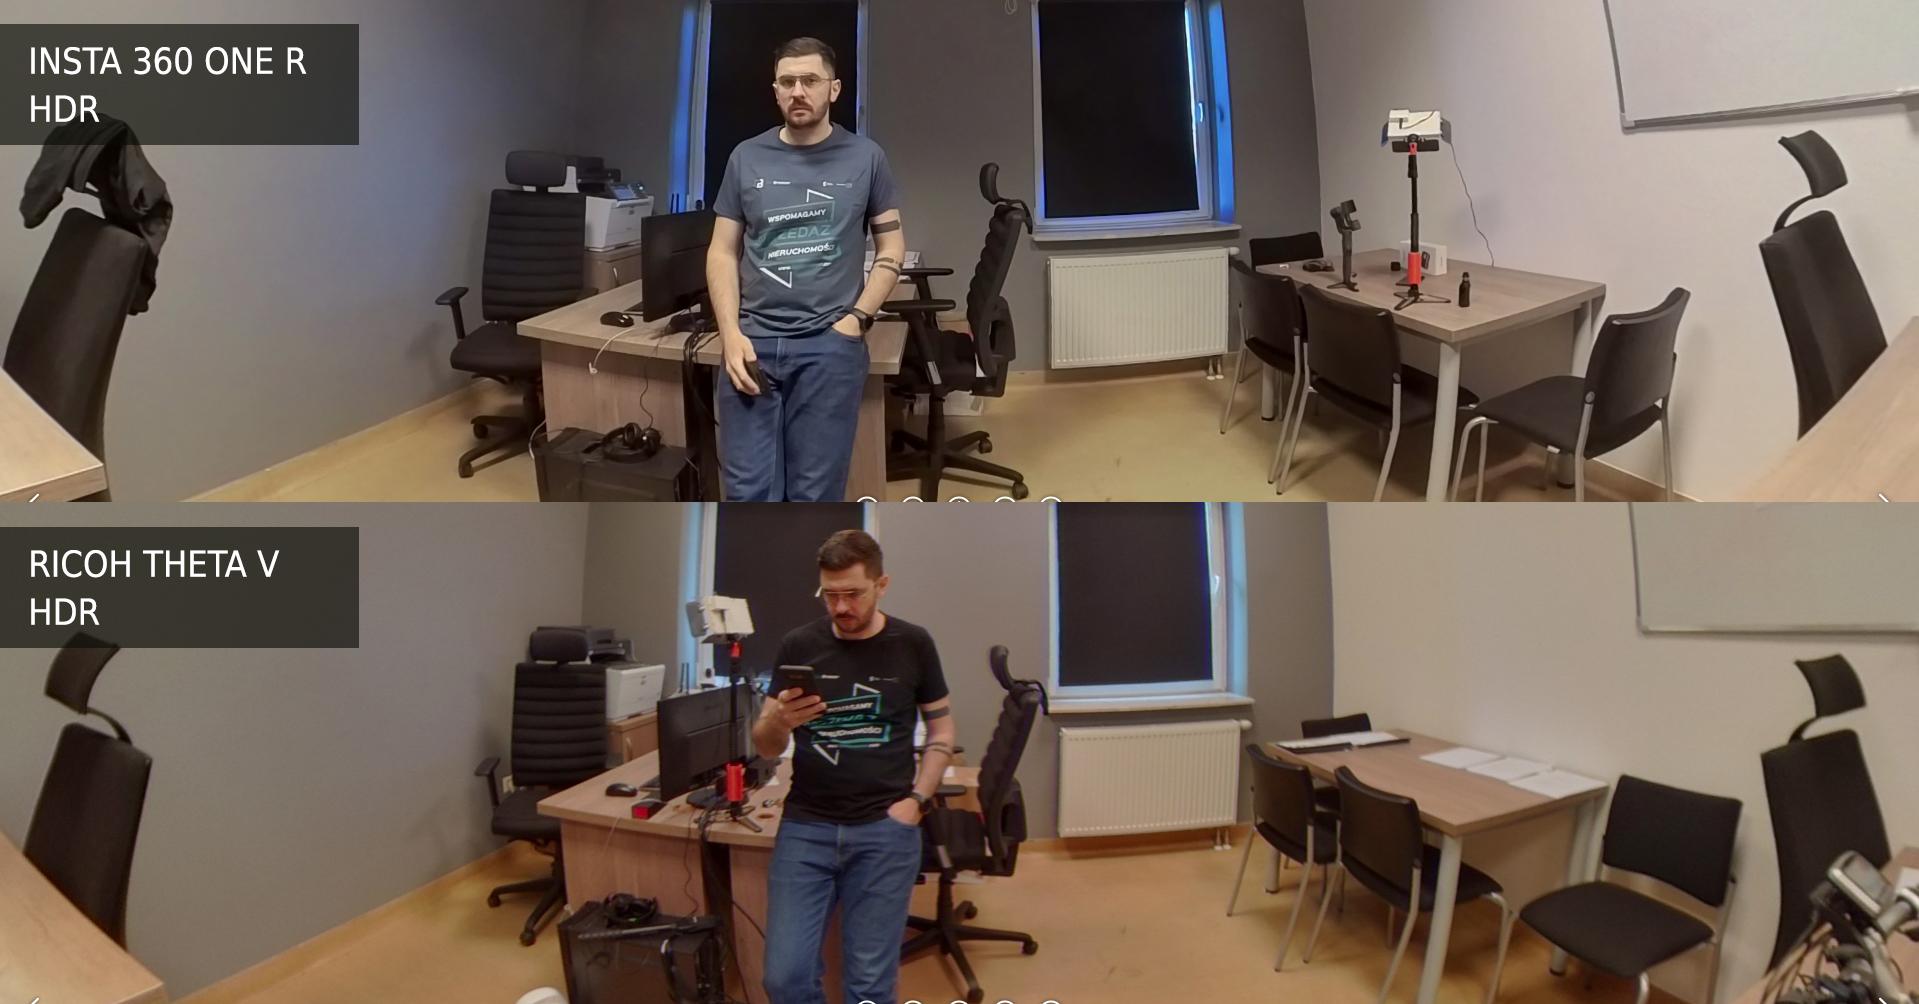 Ricoh Theta V vs Insta 360 One R tryb NightShot vs HDR